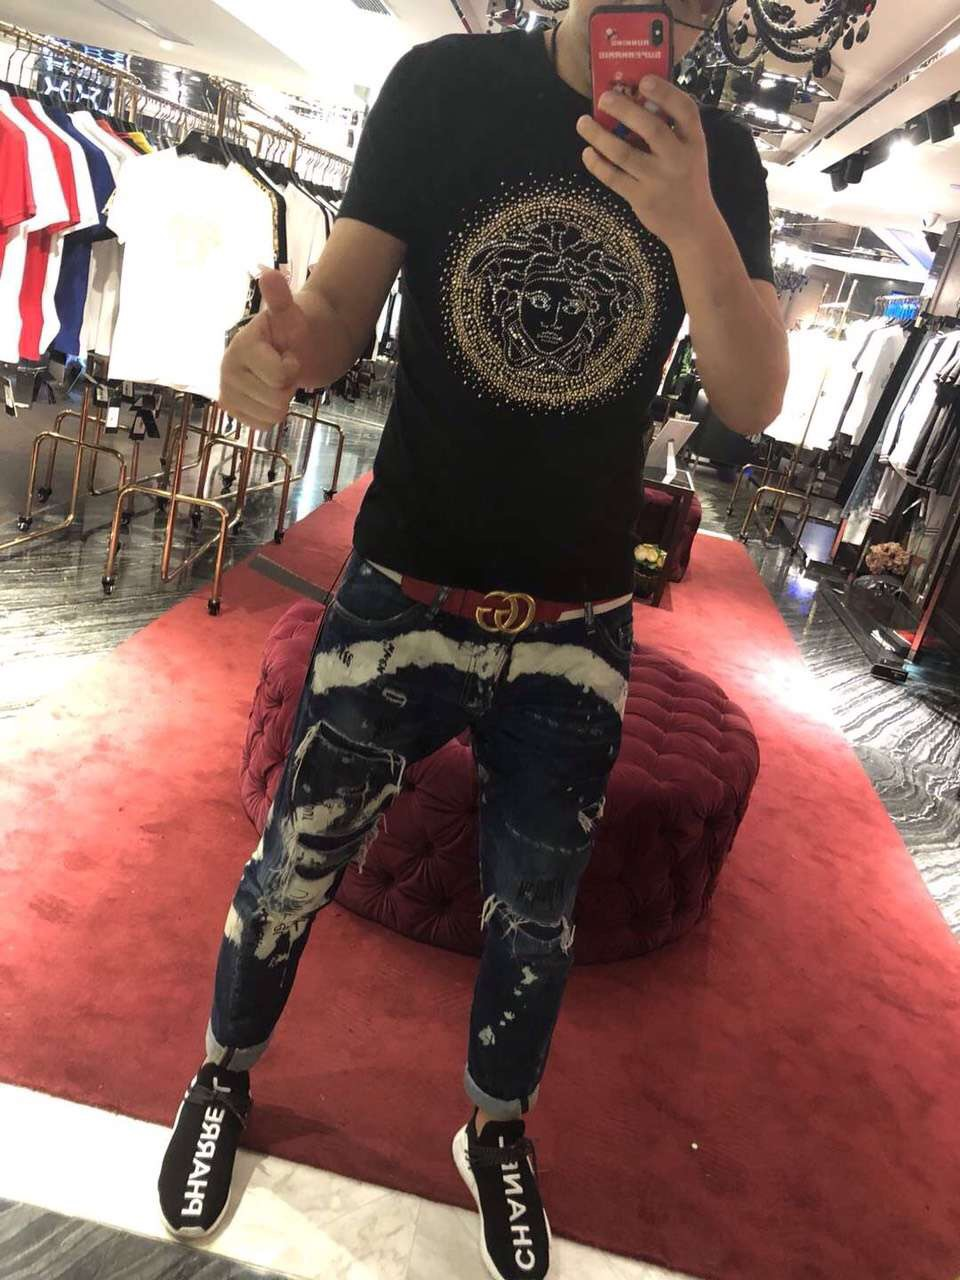 Vaasa nam giới và phụ nữ làm bóng bông thêu kim cương nóng sequins vẻ đẹp Mỏng Dusha đầu chất béo kích thước lớn T-Shirt ngắn tay áo triều áo tommy